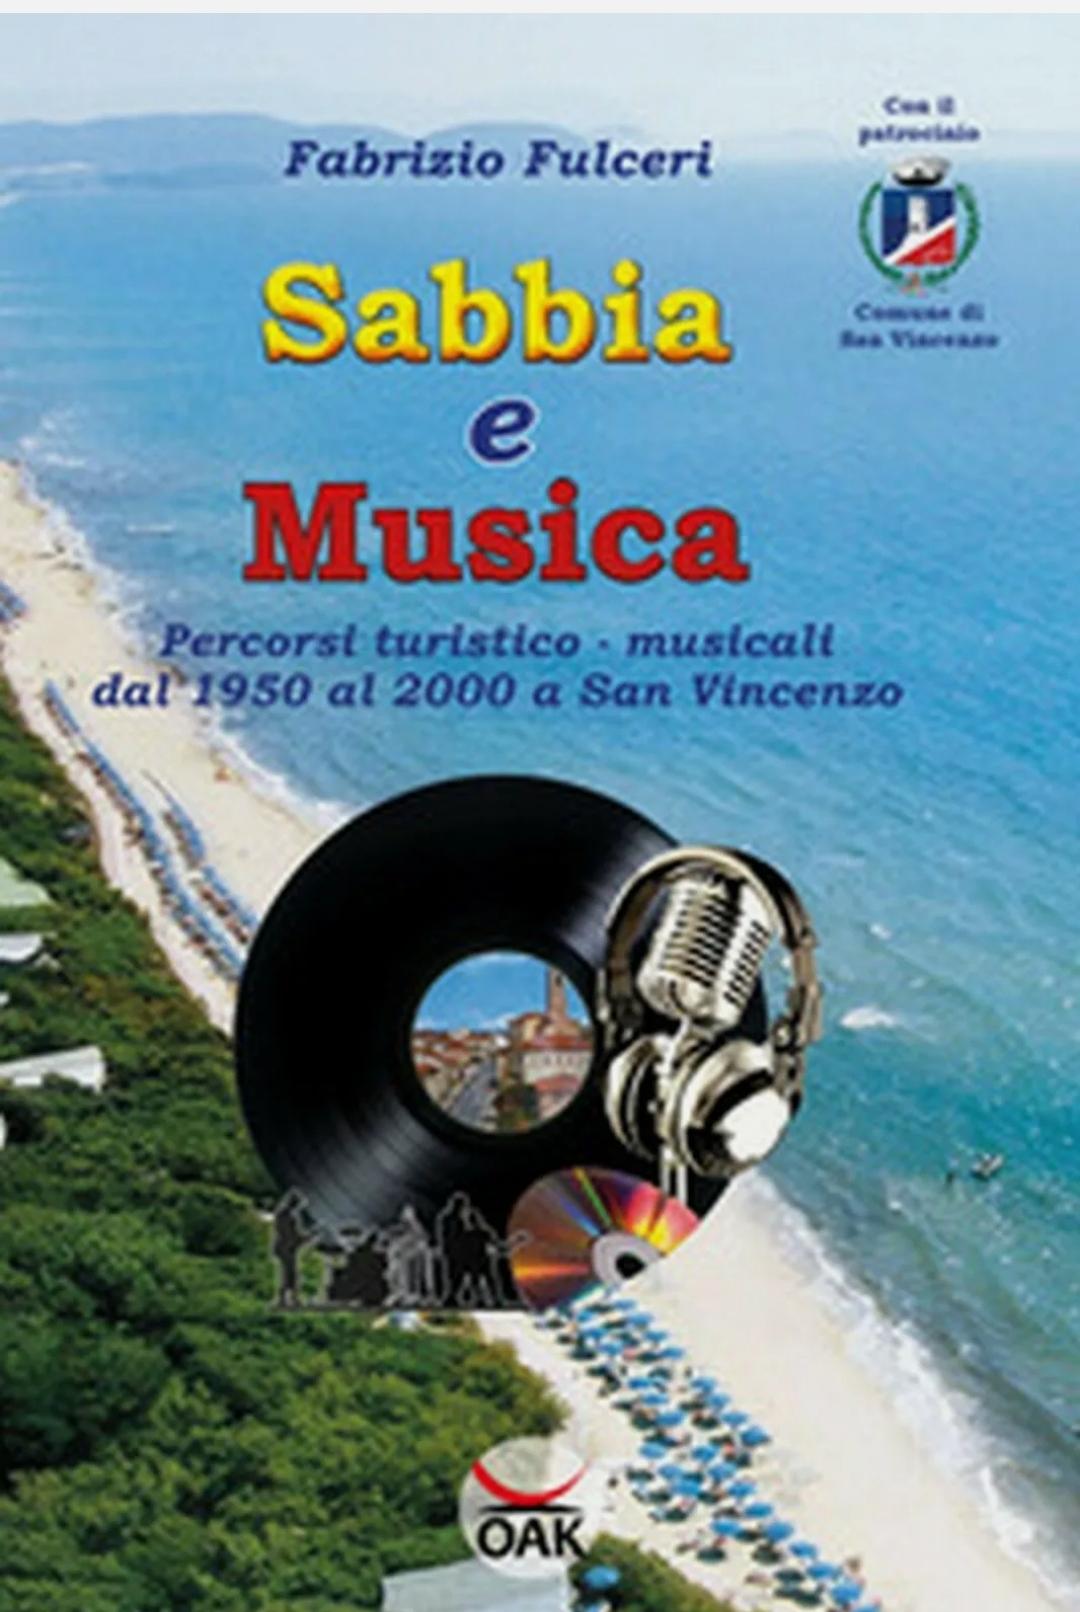 Sabbia e musica. Percorsi turistico-musicali dal 1950 al 2000 a San Vincenzo. Riccardo Cioni RIP